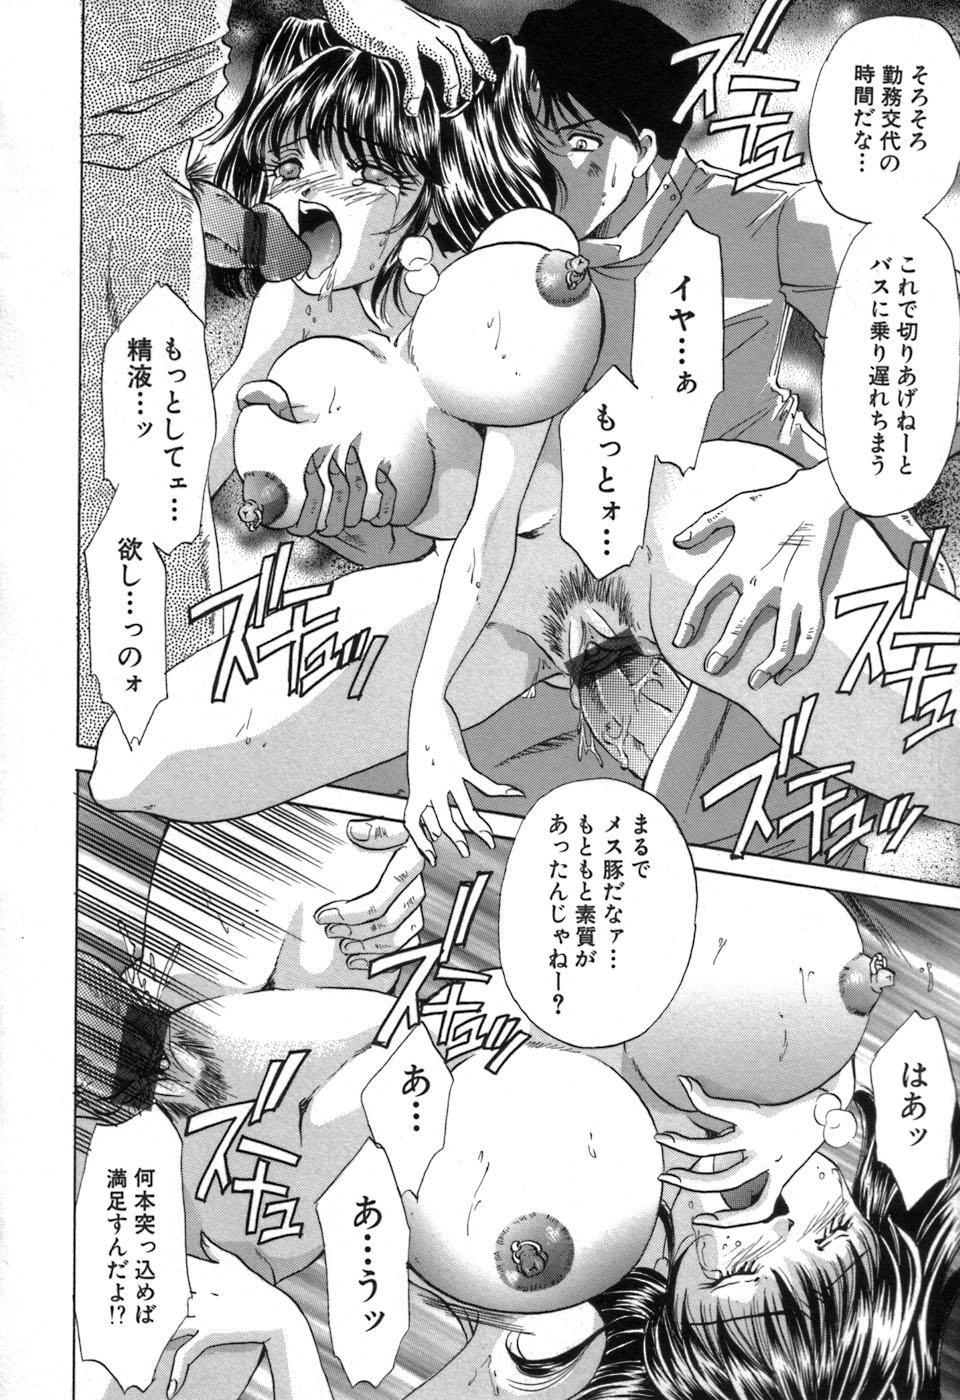 Ryoujoku Tenshi 170